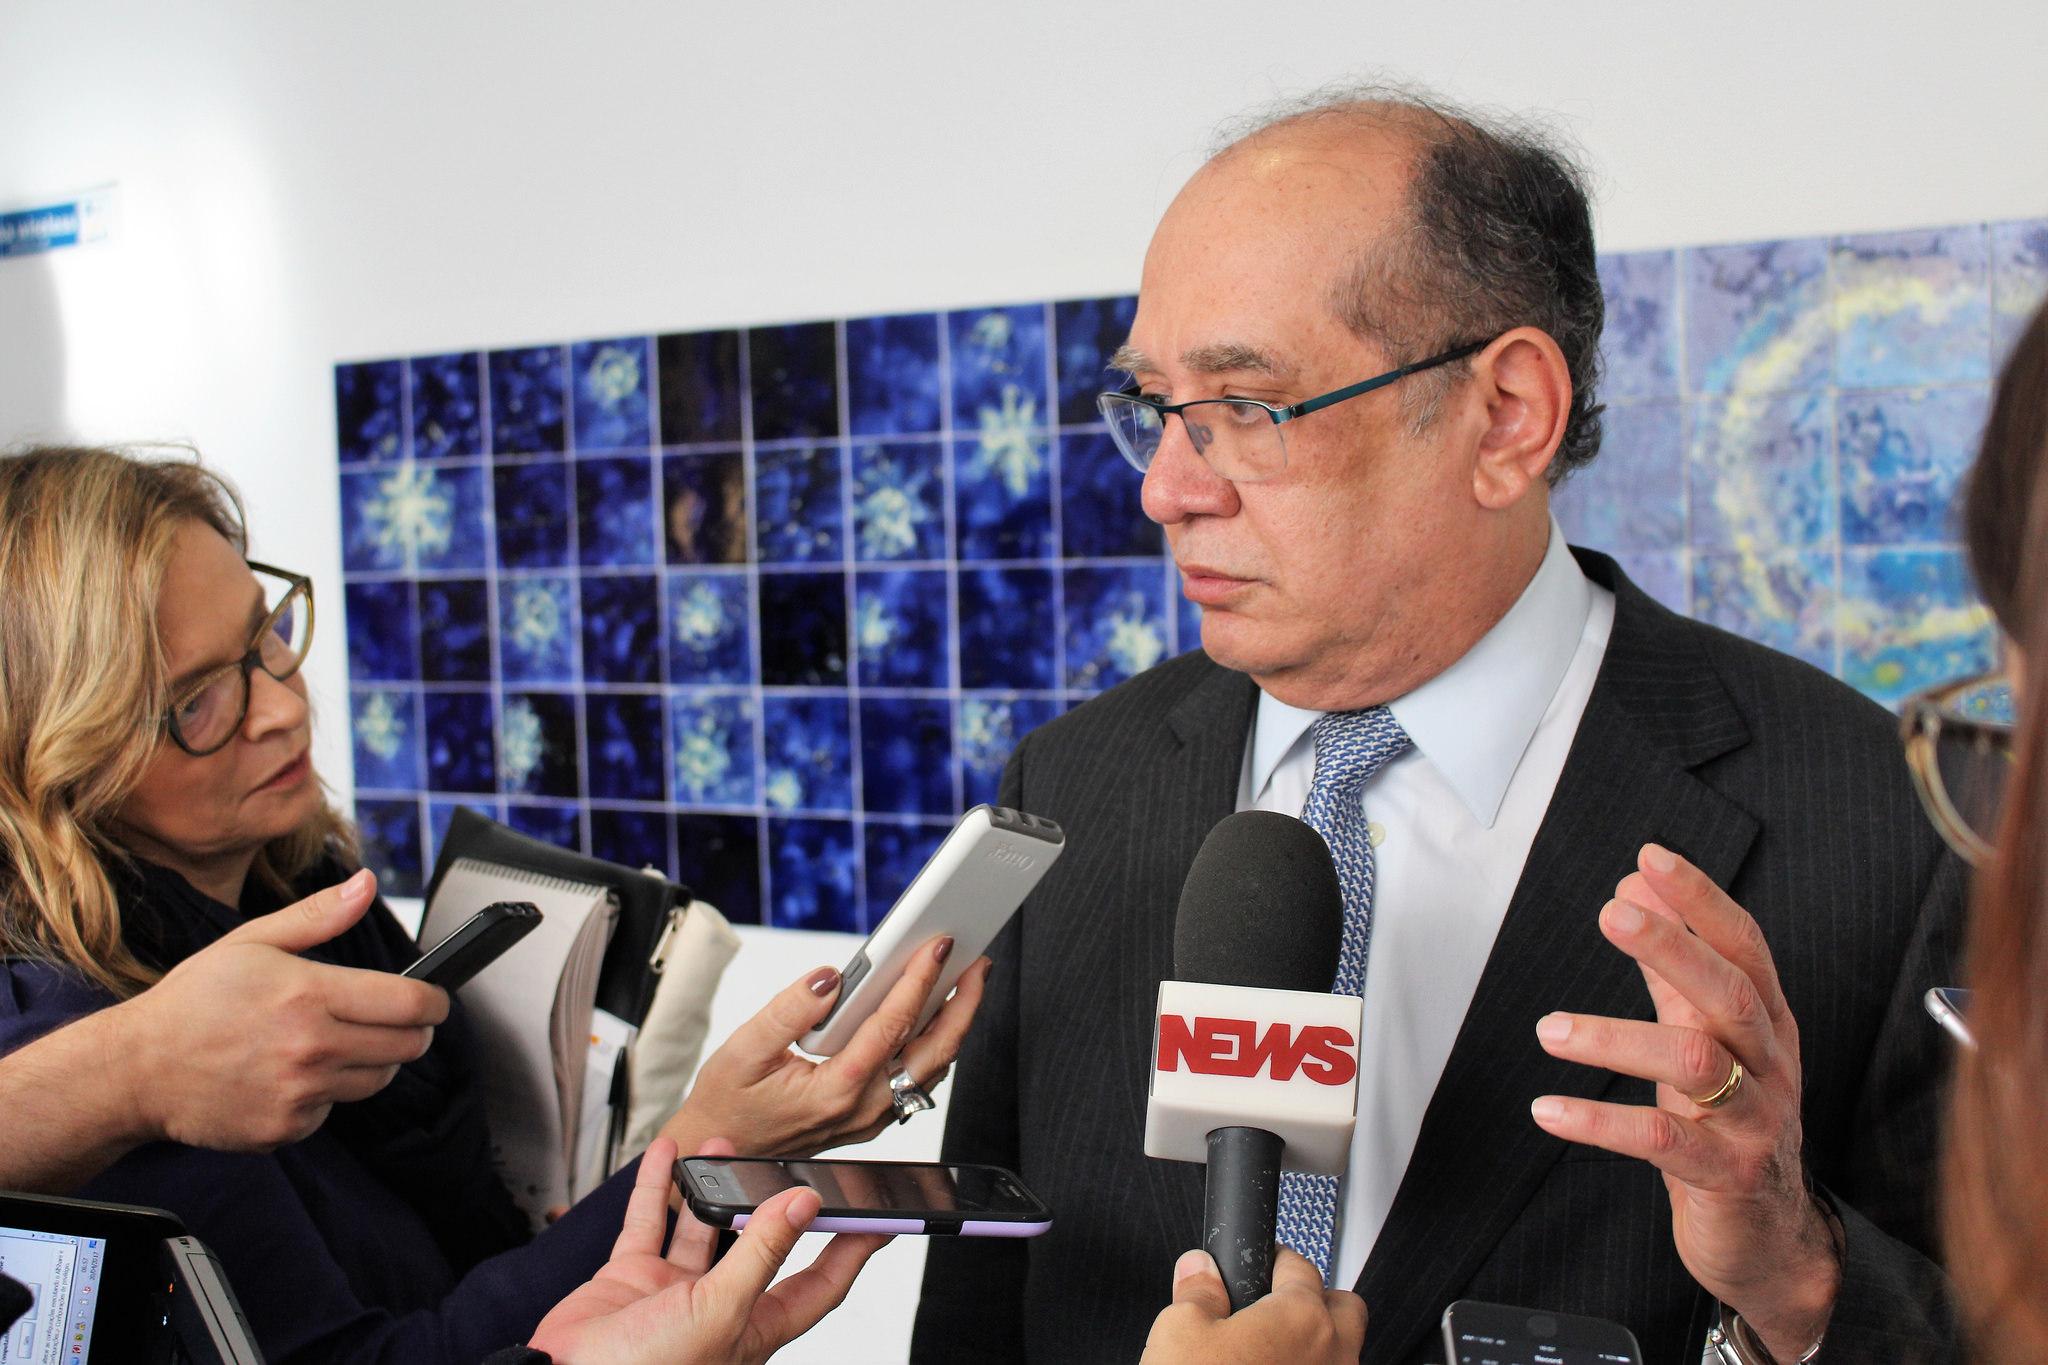 O ministro durante um seminário de direito em Portugal, organizado pela empresa da qual é sócio: 250 mil reais de Itaipu.